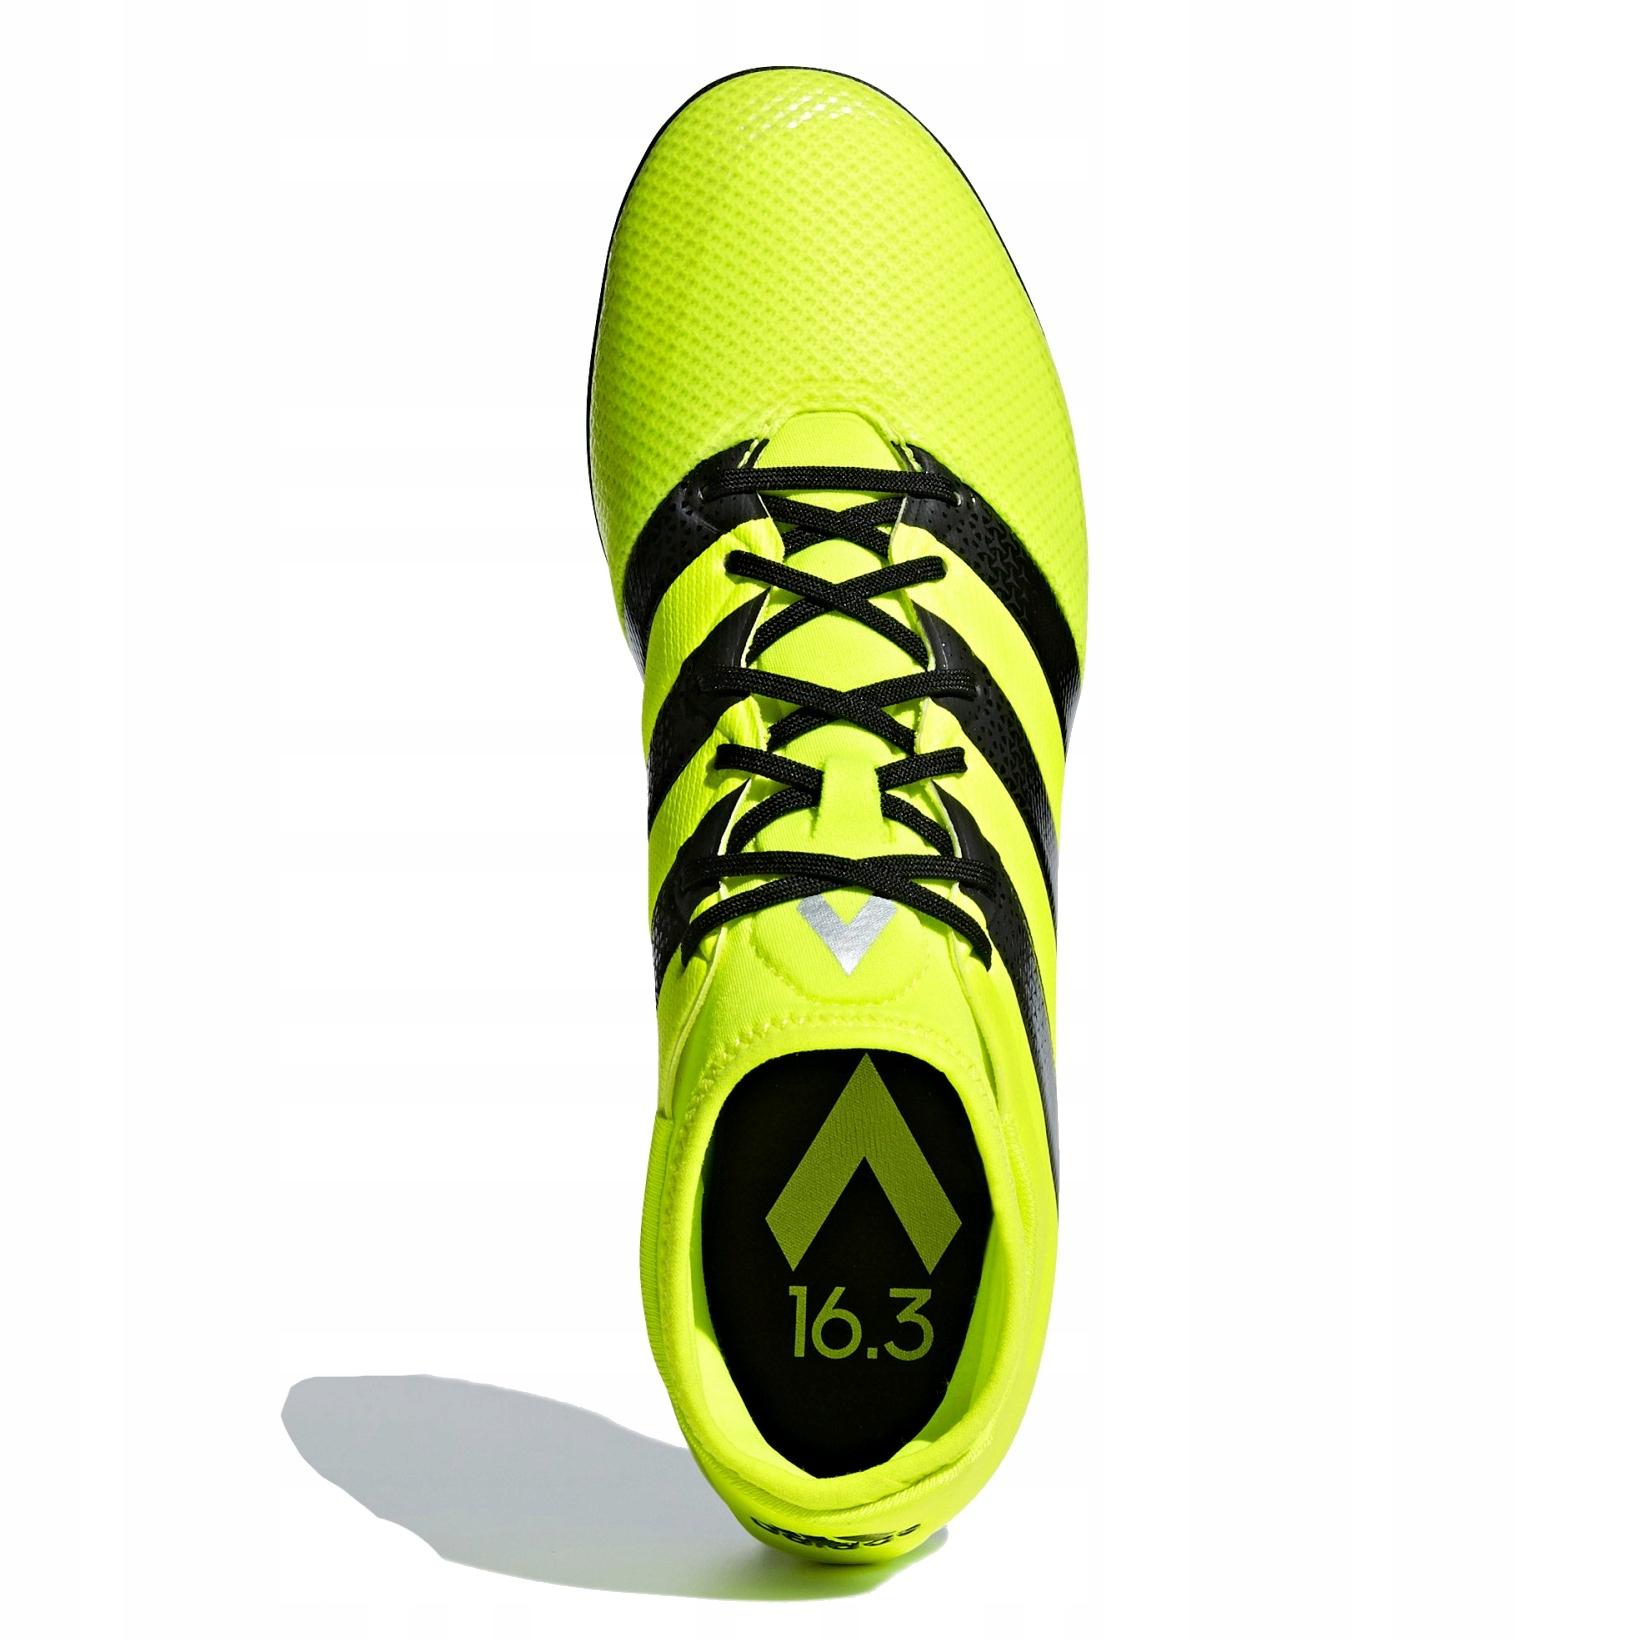 غاز القصف دكتاتورية Turfy Adidas Ze Skarpeta Allegro Pleasantgroveumc Net